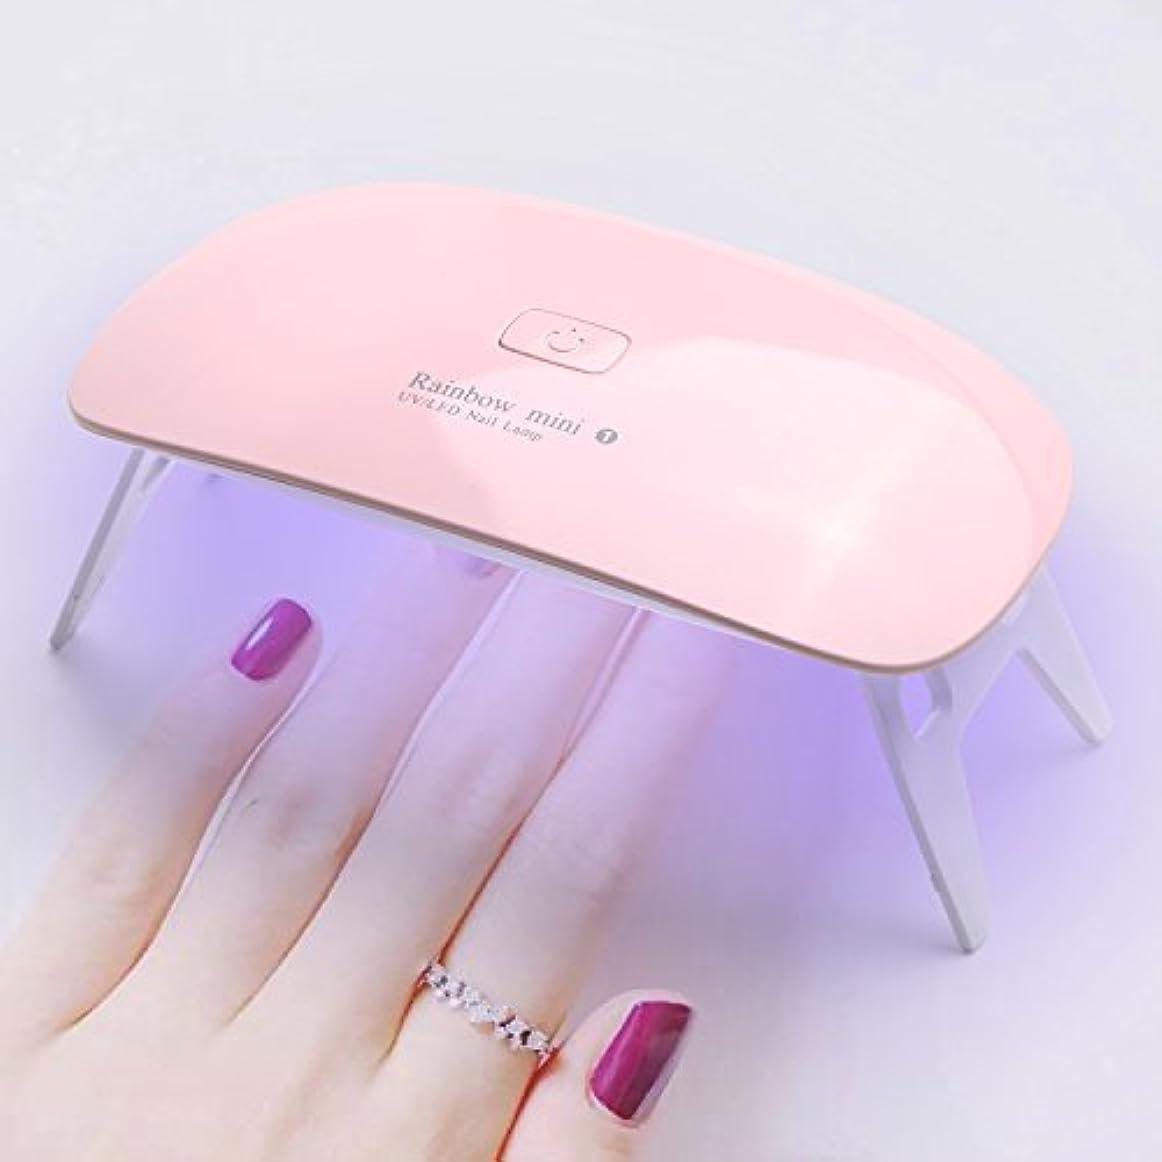 下位パキスタン人ピックLEDネイルドライヤー AmoVee UVライト タイマー設定可能 折りたたみ式 ジェルネイル用 (pink)